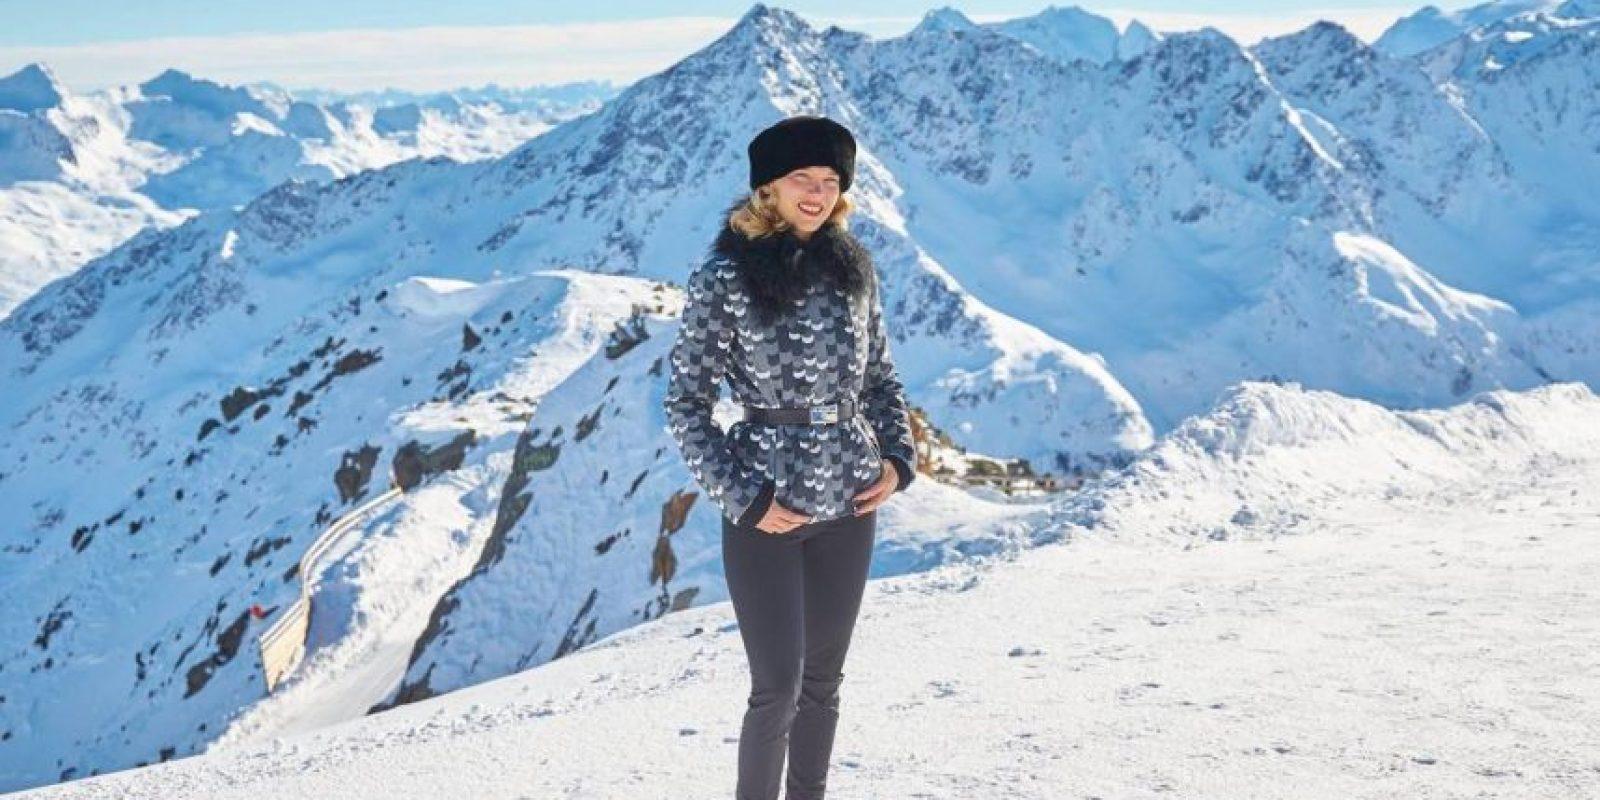 Daniel Craig (James Bond), Léa Seydoux (Madeleine Swann) y Dave Bautista (Hinx) en el Ski resort de Sölden en Austria Foto:Facebook: James Bond 007